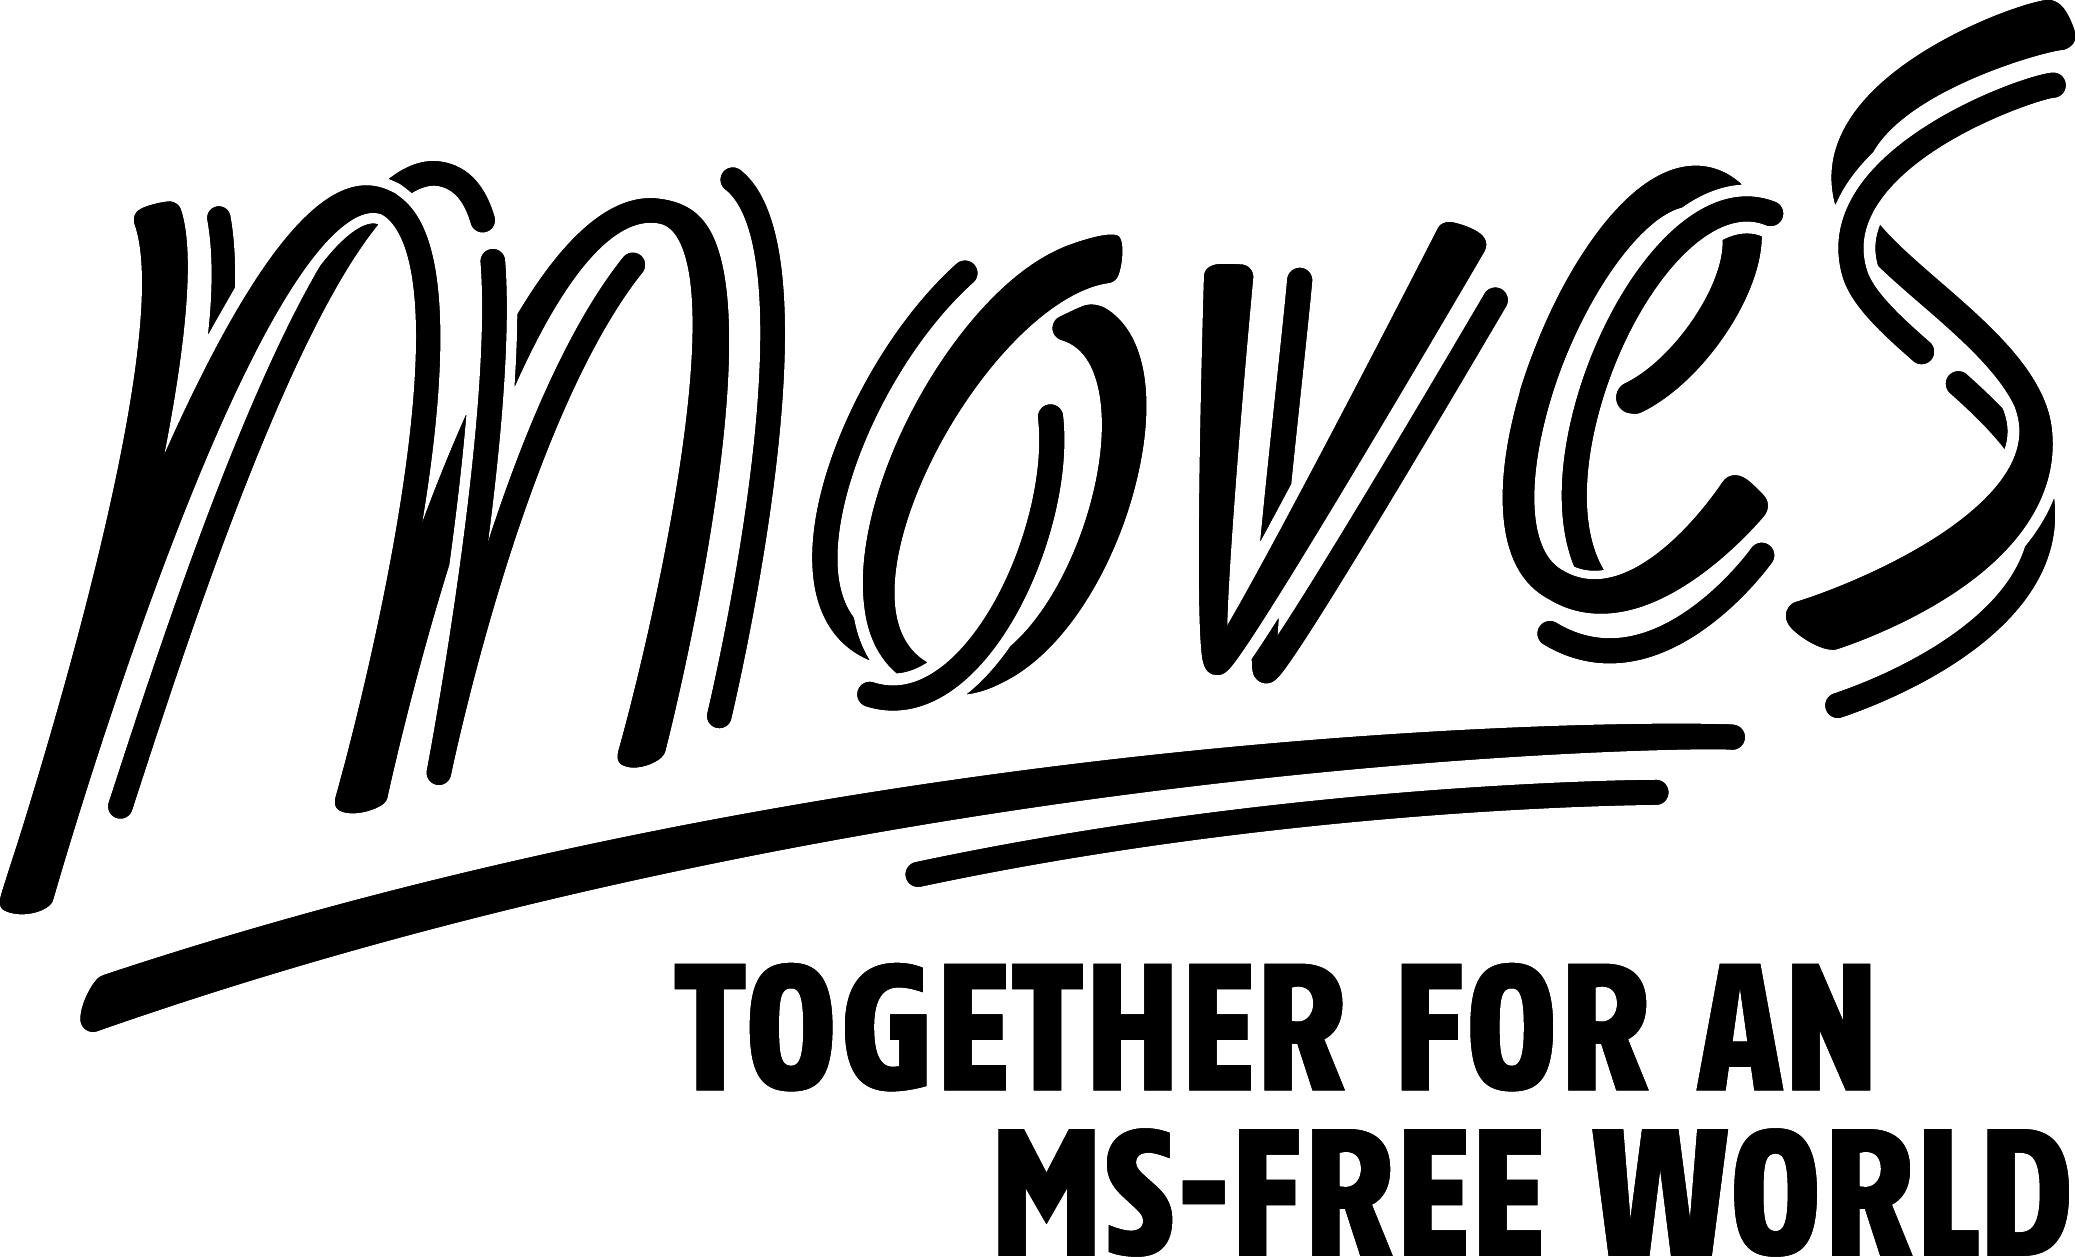 Stichting Klimmen tegen MS